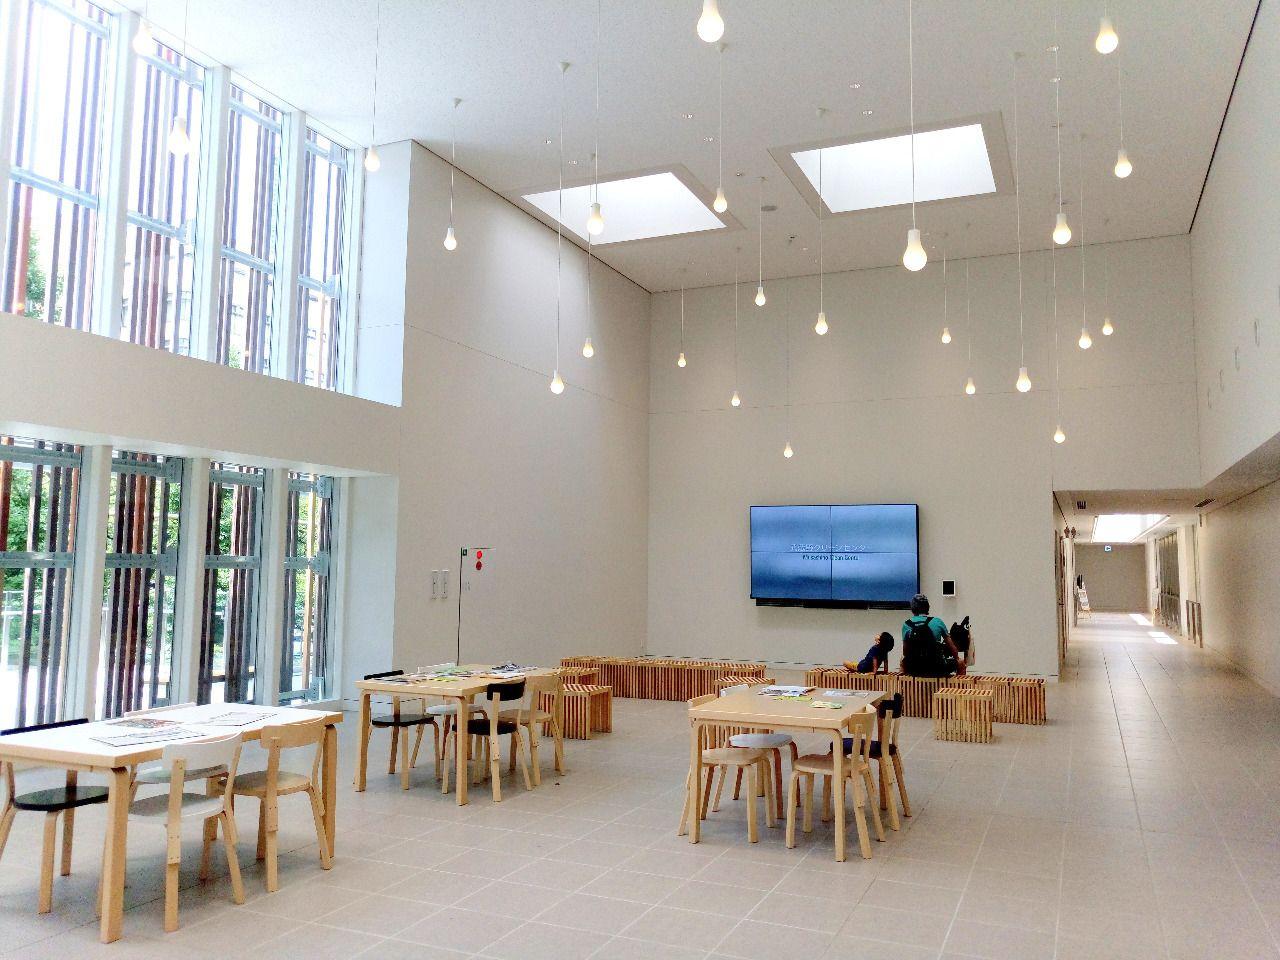 新しくオープンした武蔵野クリーンセンターは見学自由です